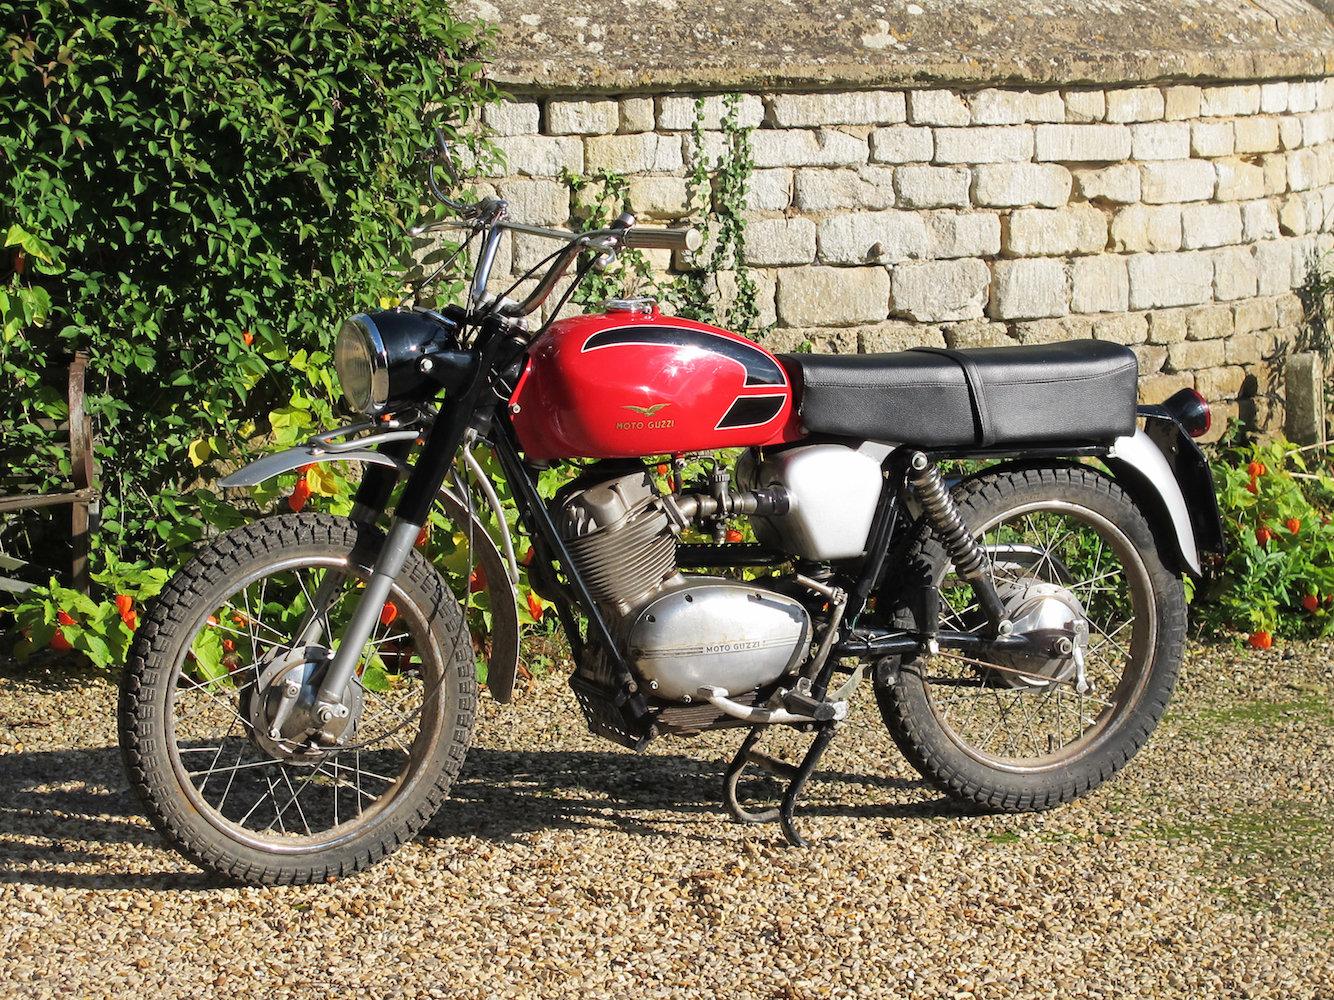 1968 Moto guzzi 125cc stornello For Sale (picture 2 of 6)